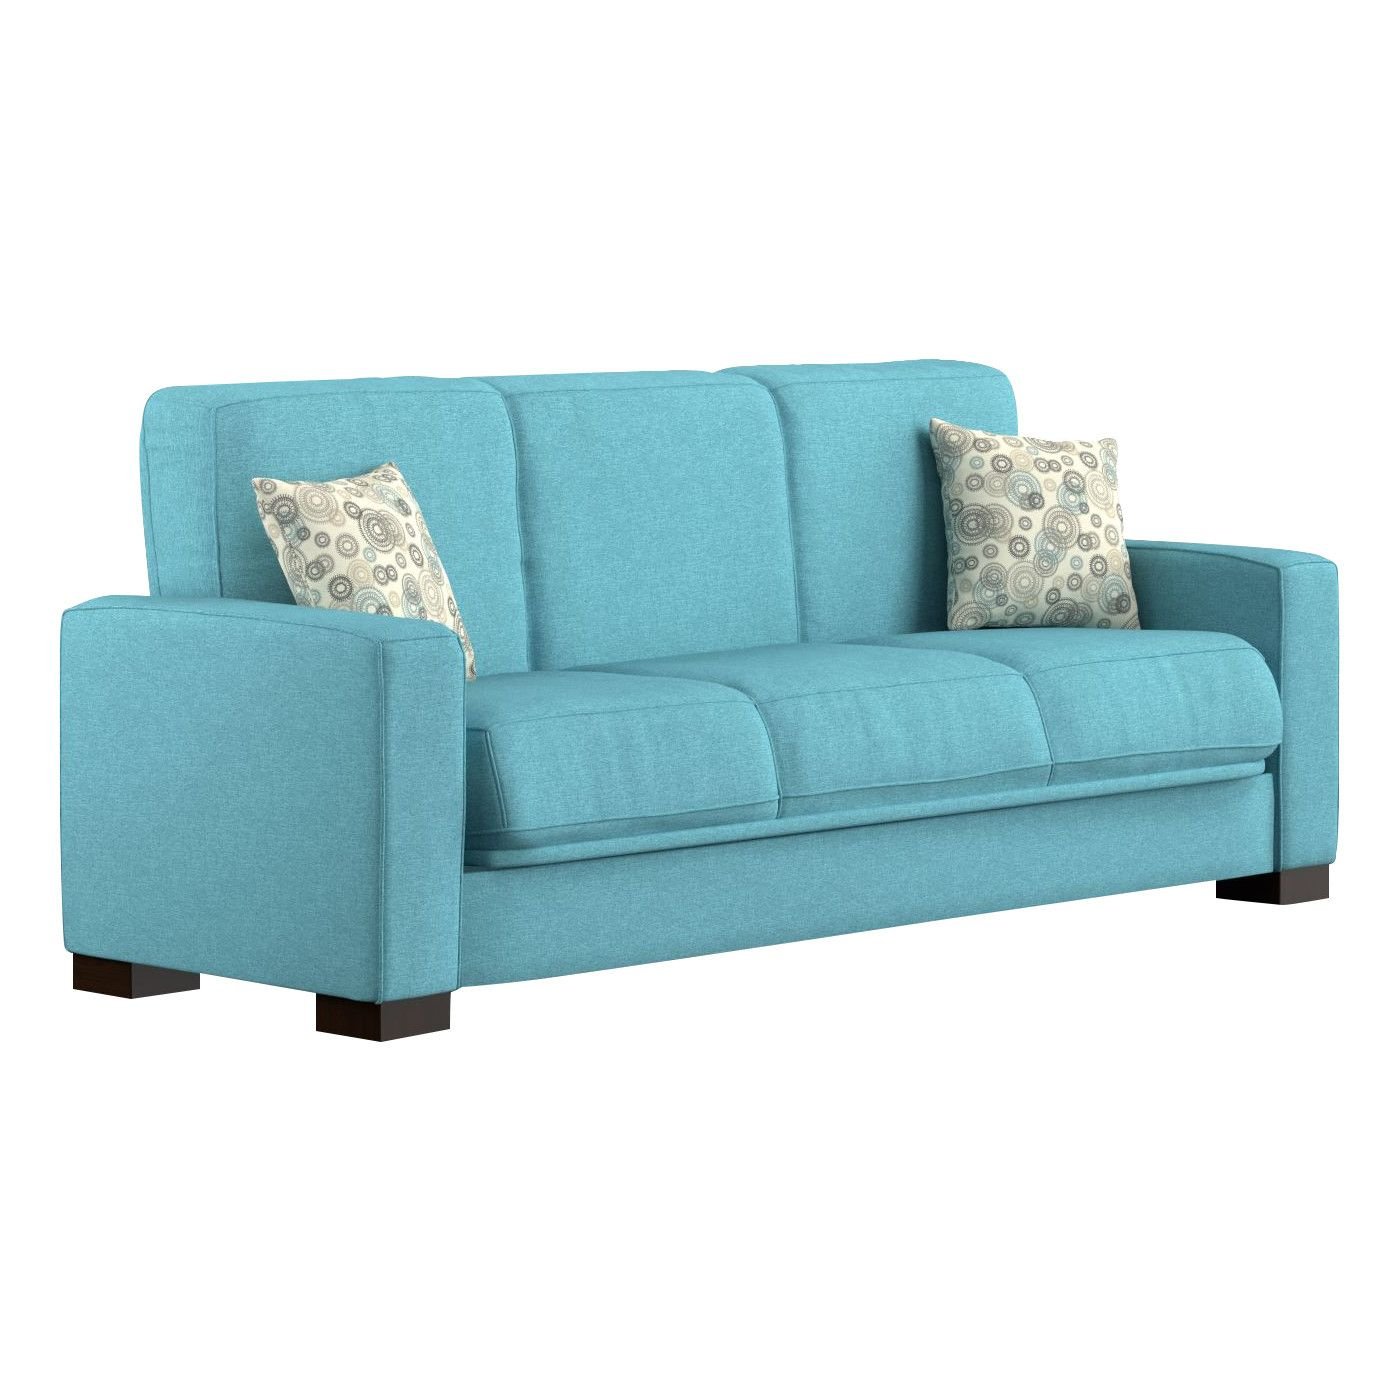 Athena Convertible Sofa Sleeper sofas